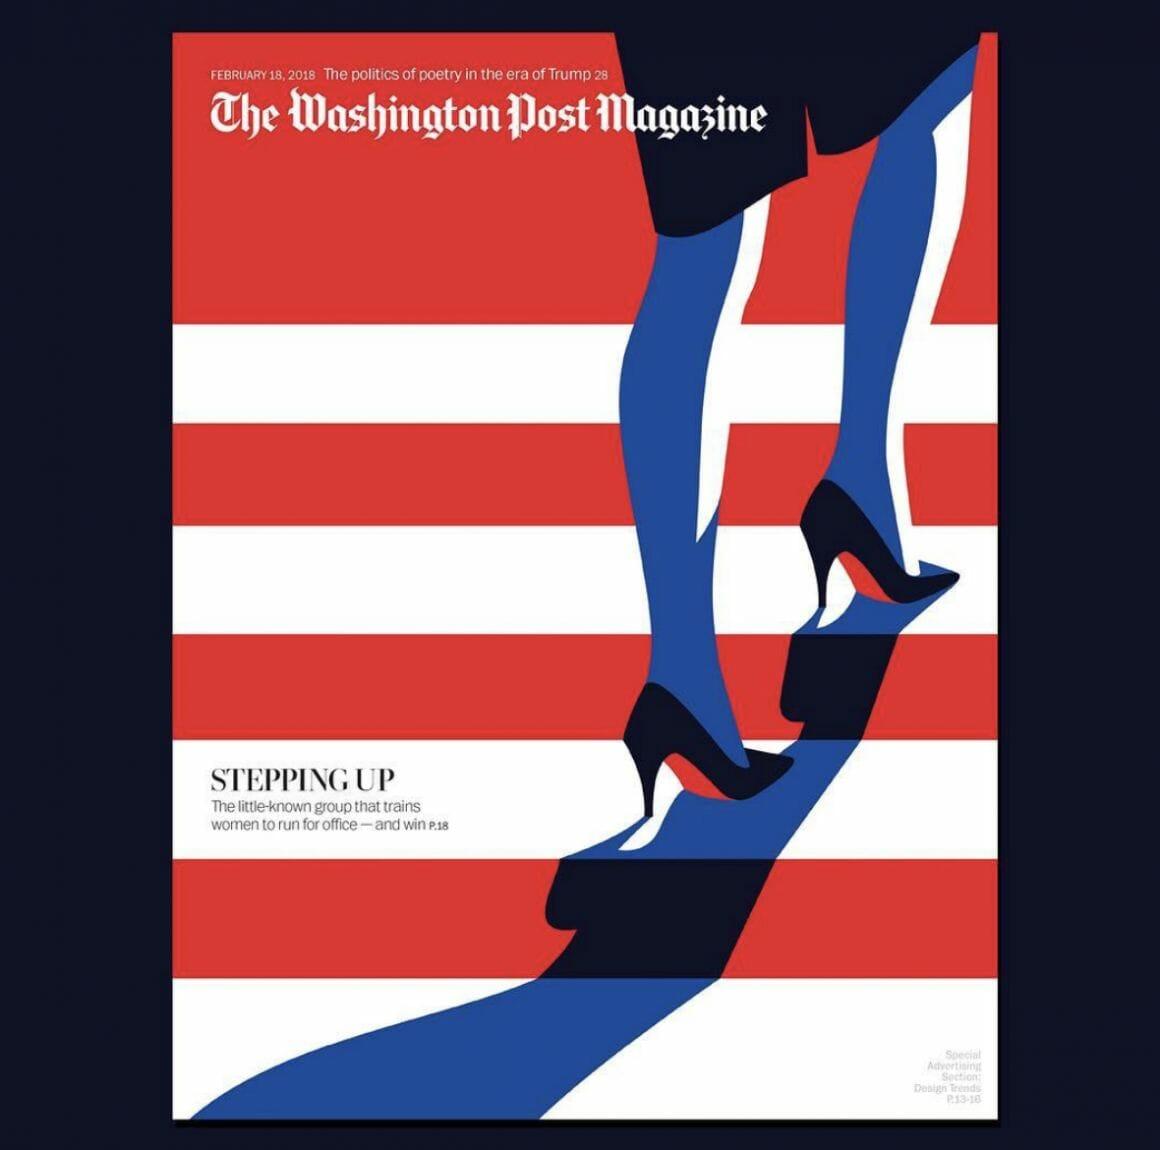 Couverture du Washington Post par Malika Favre